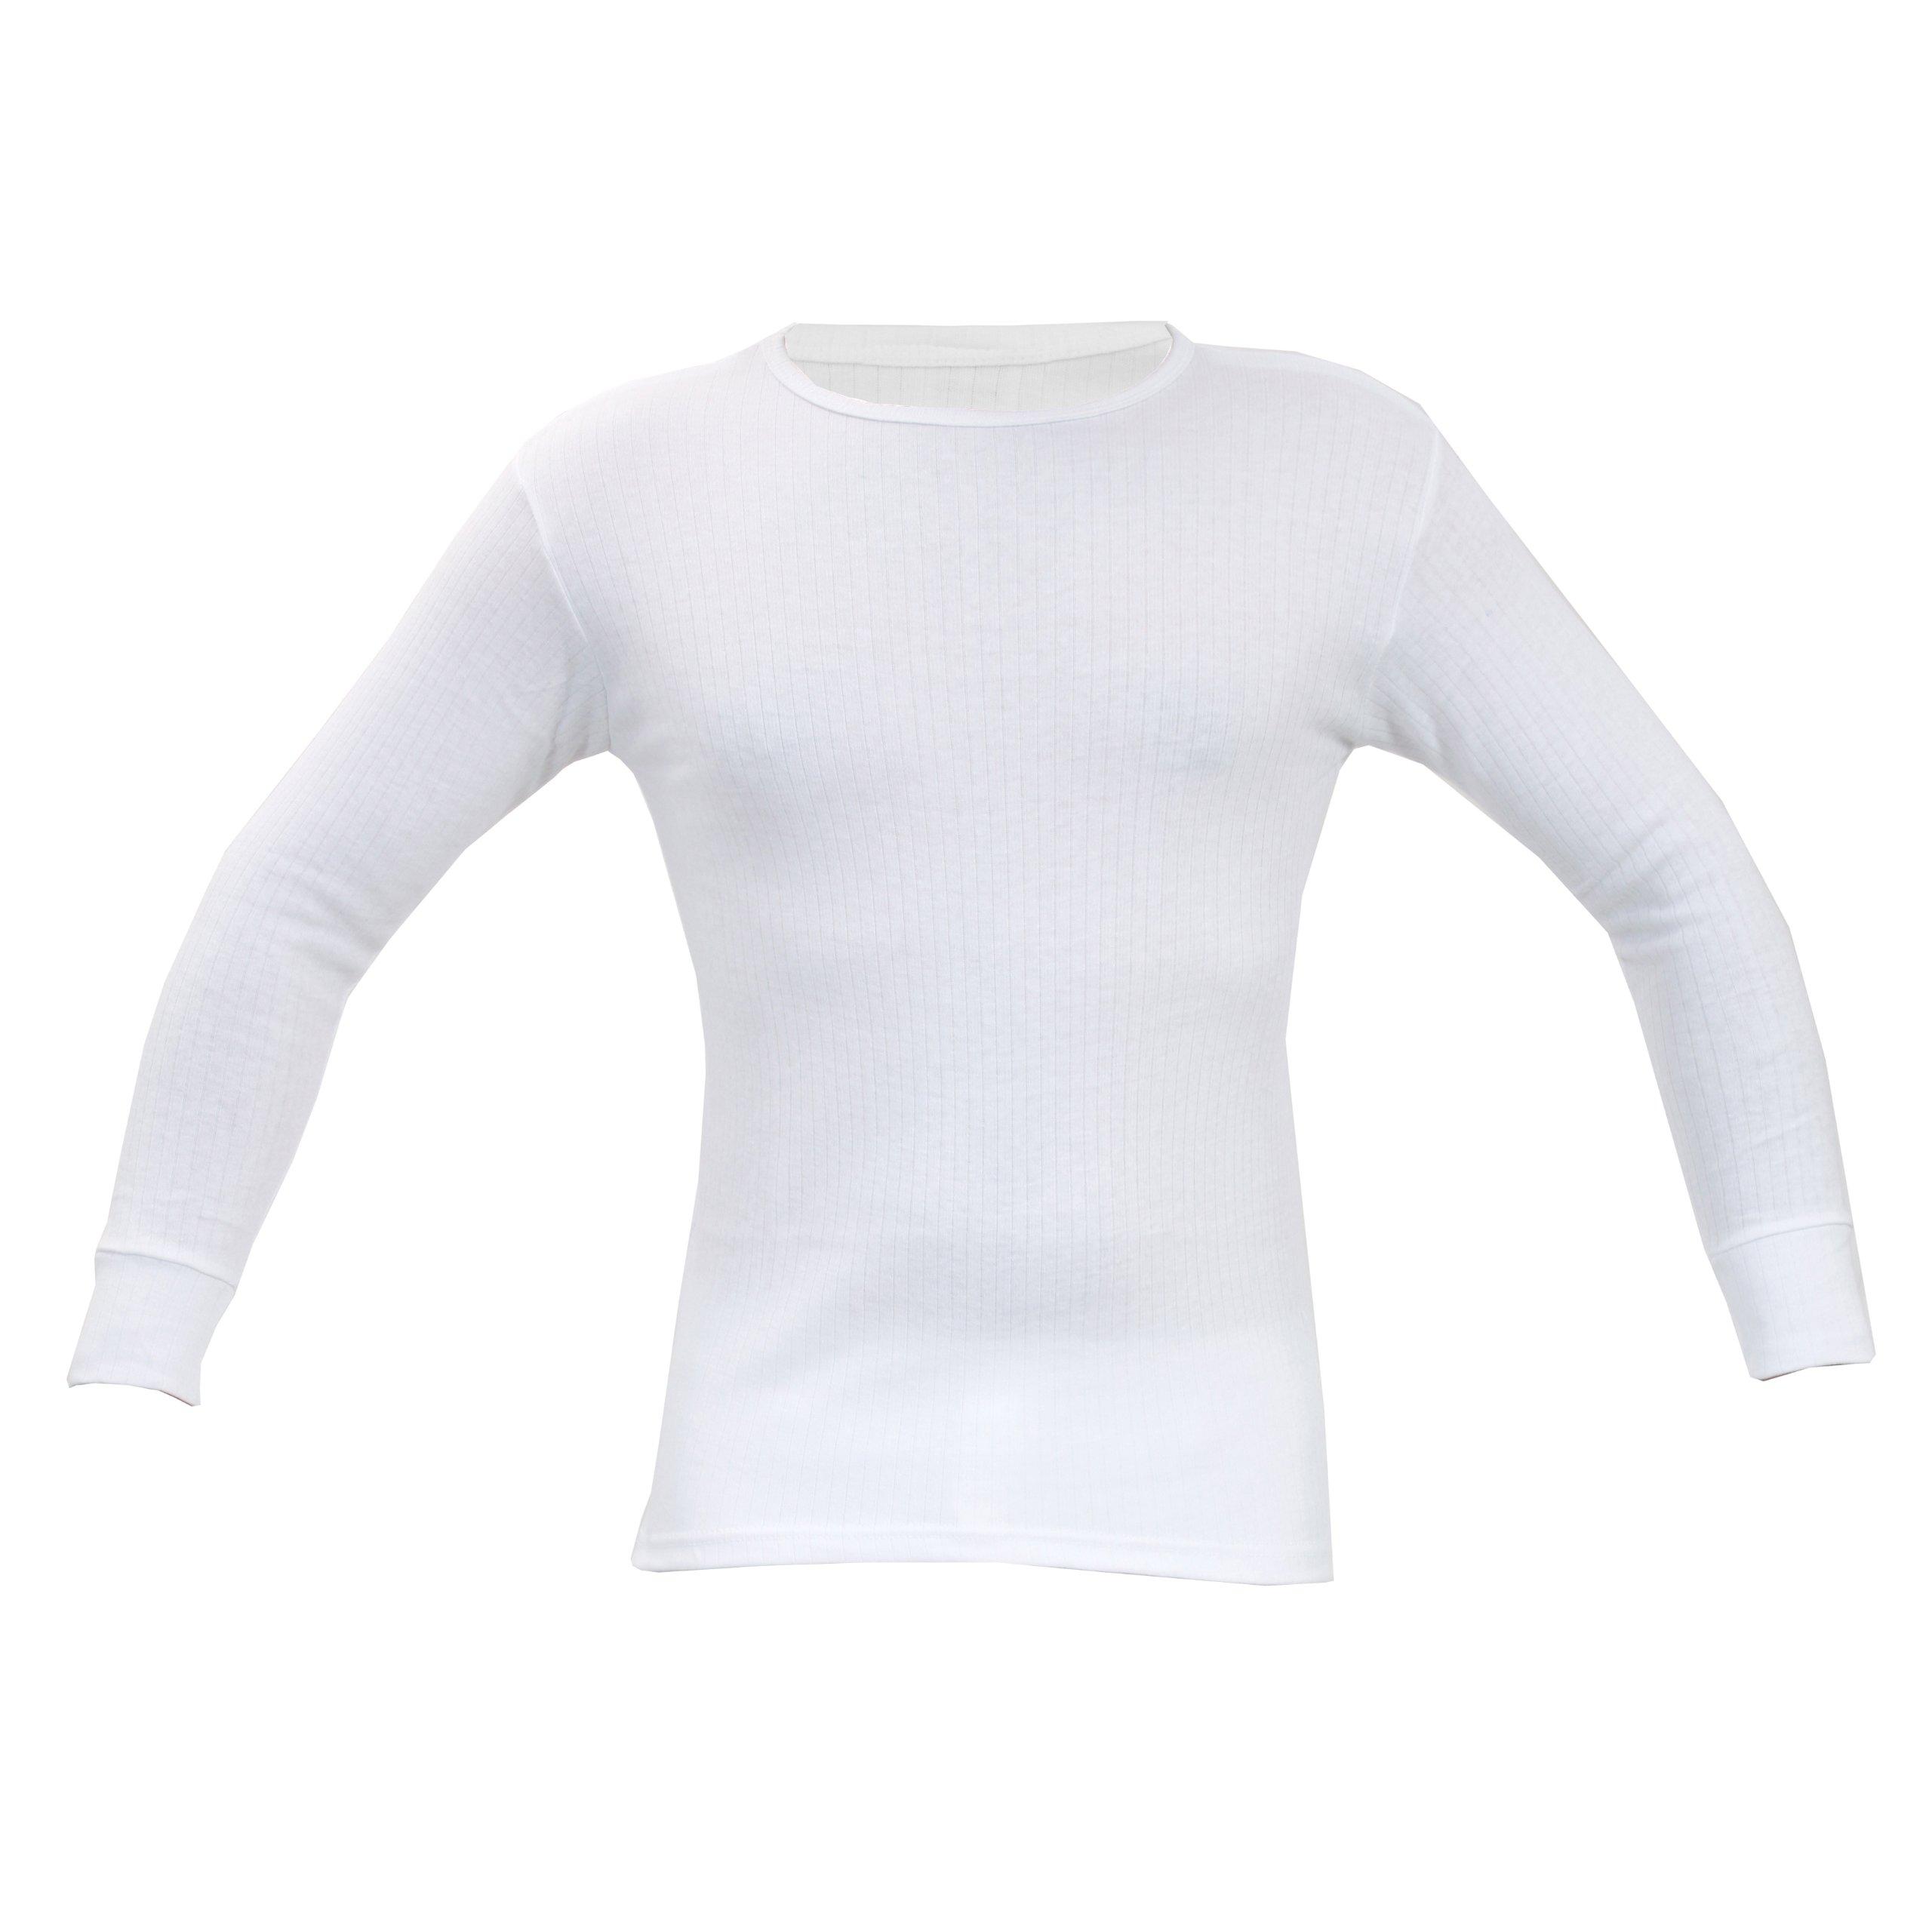 Britwear Mens Thermal Short Sleeved Tshirt